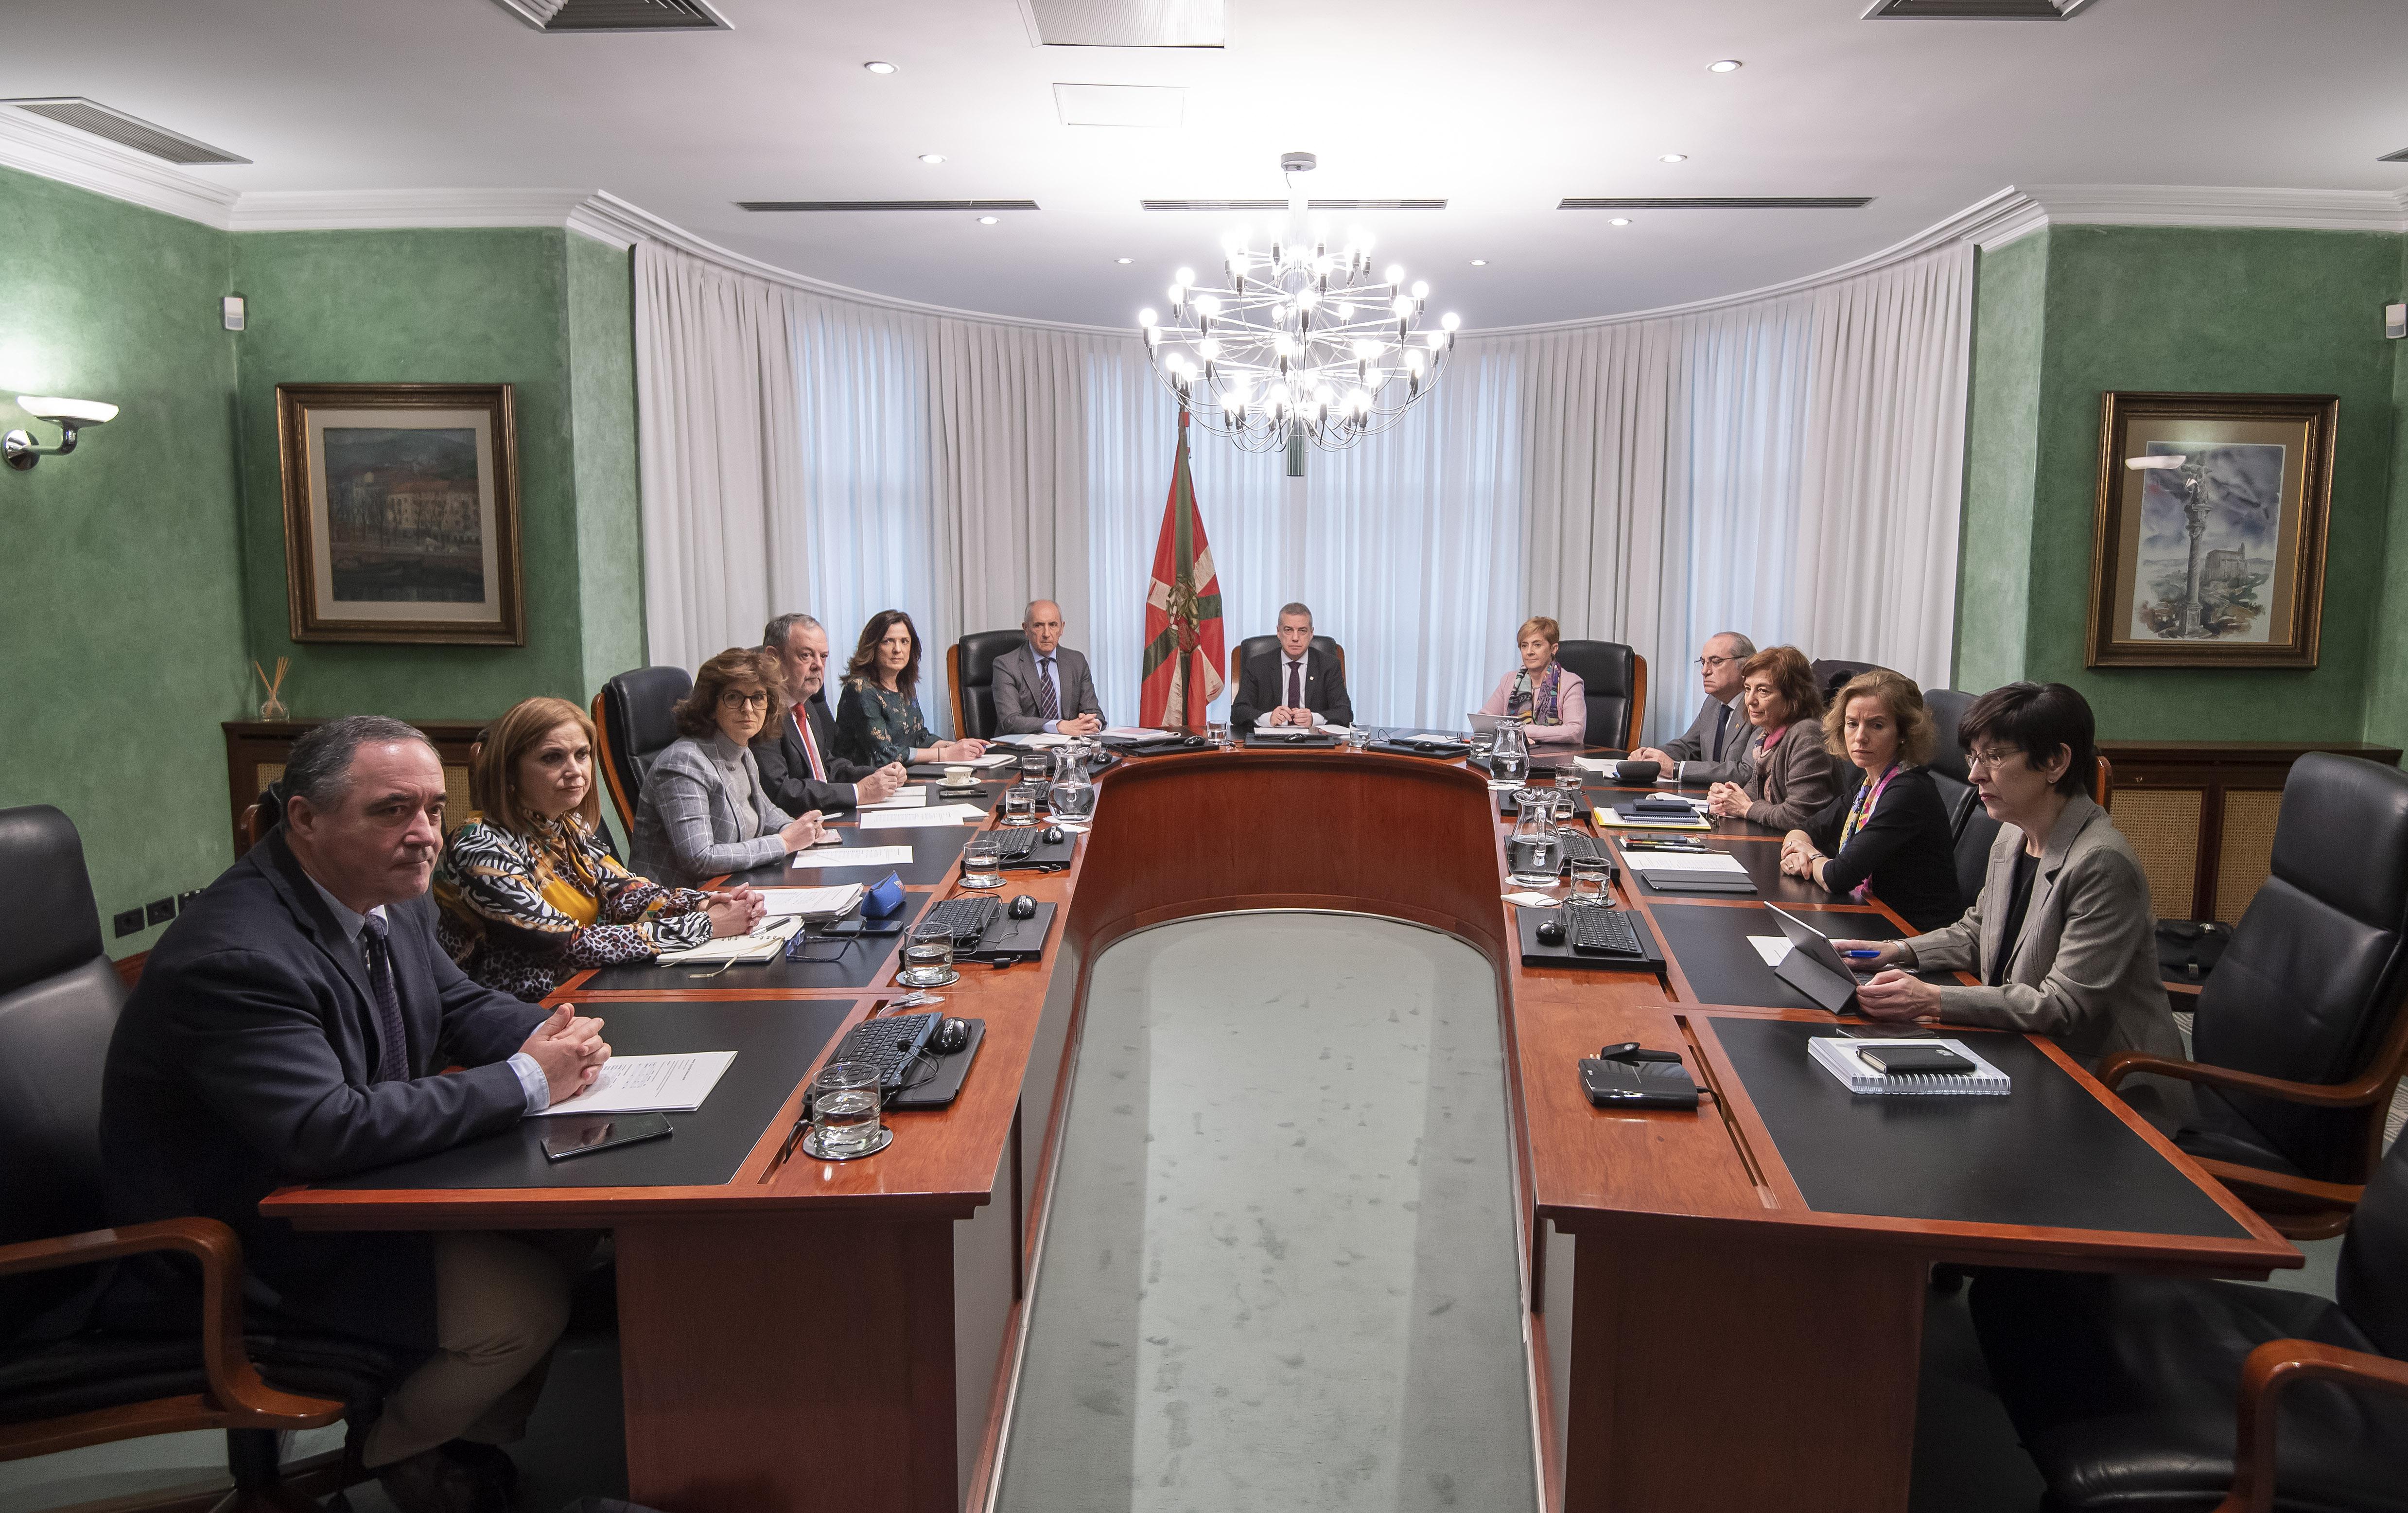 2020_03_13_lhk_consejo_extraordinario_02.jpg